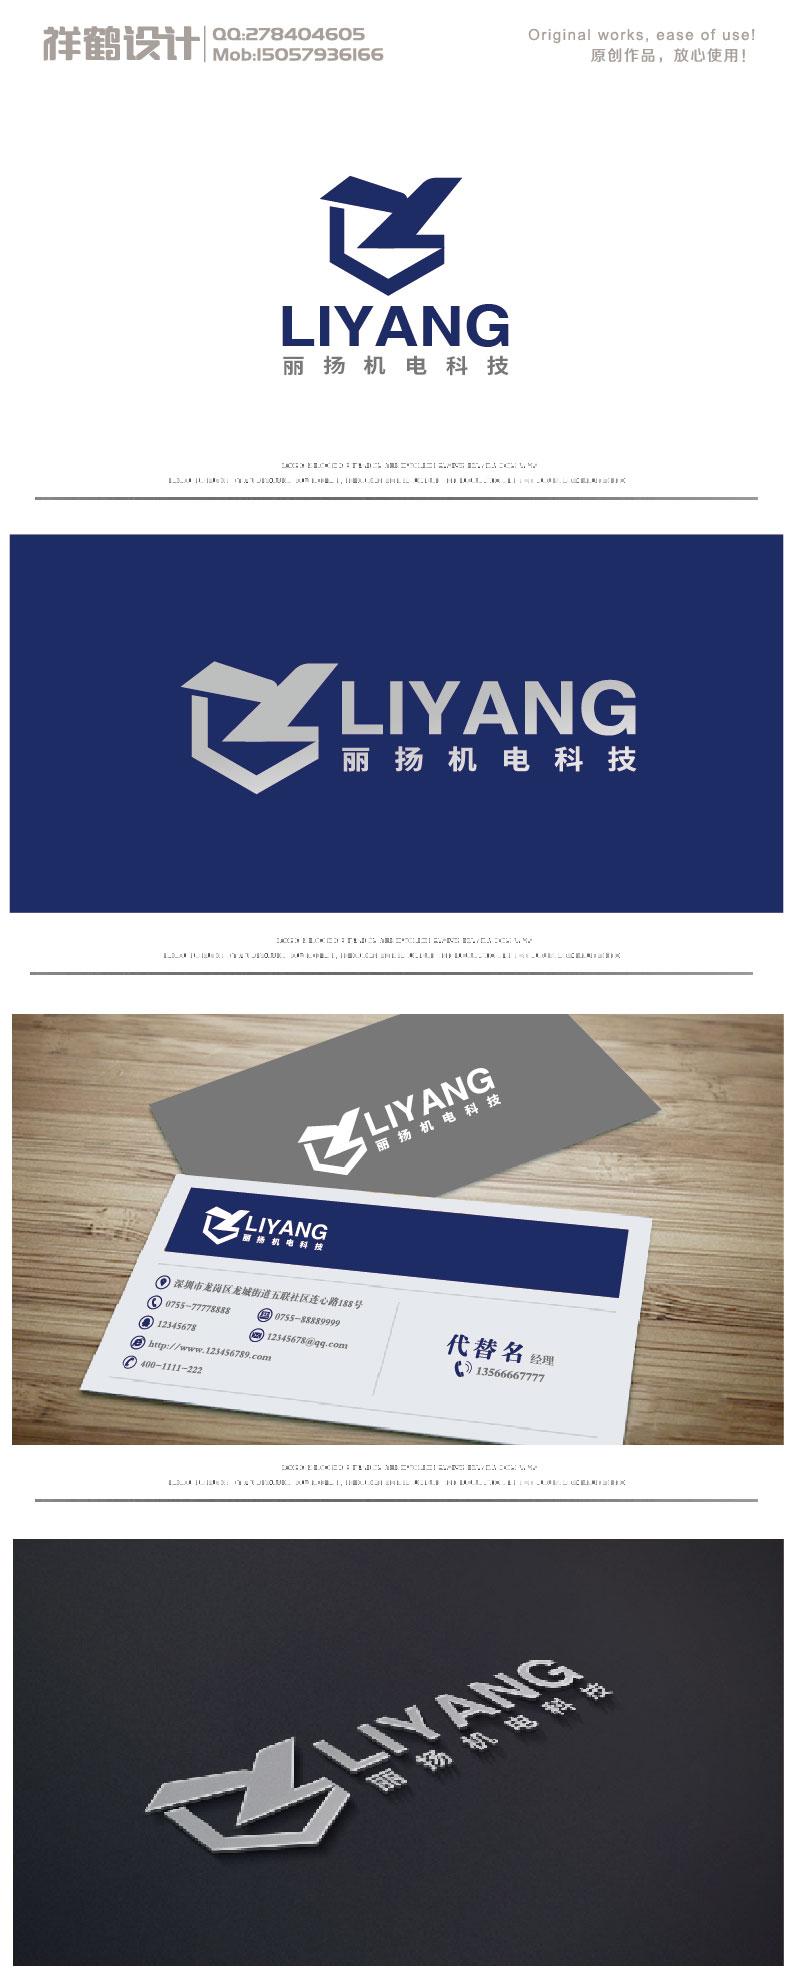 公司logo设计_3032088_k68威客网